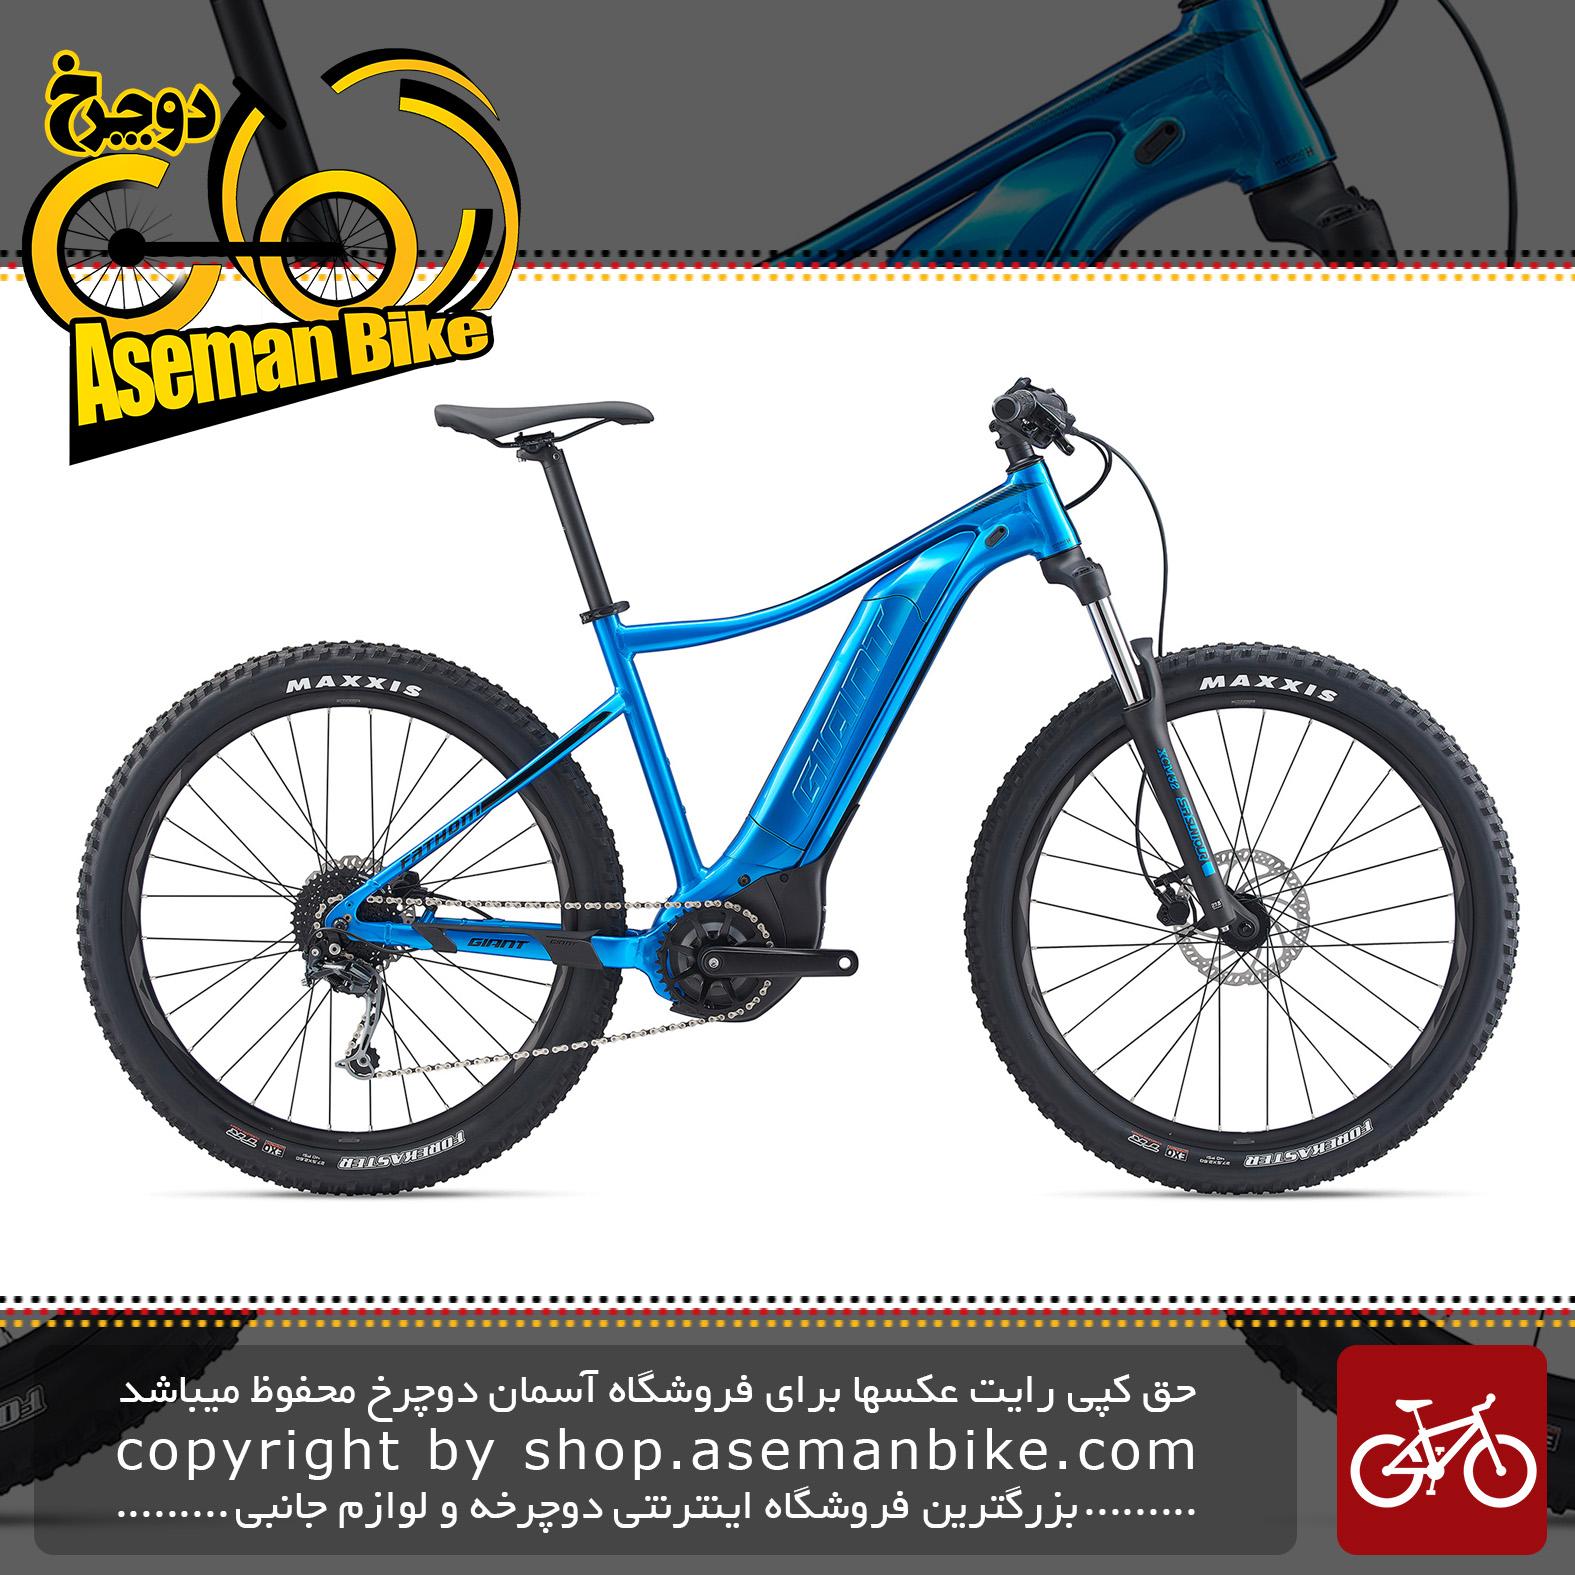 دوچرخه کوهستان برقی جاینت مدل فدم ای پلاس 3 2020 Giant Mountain Bicycle Fathom E+ 3 2020